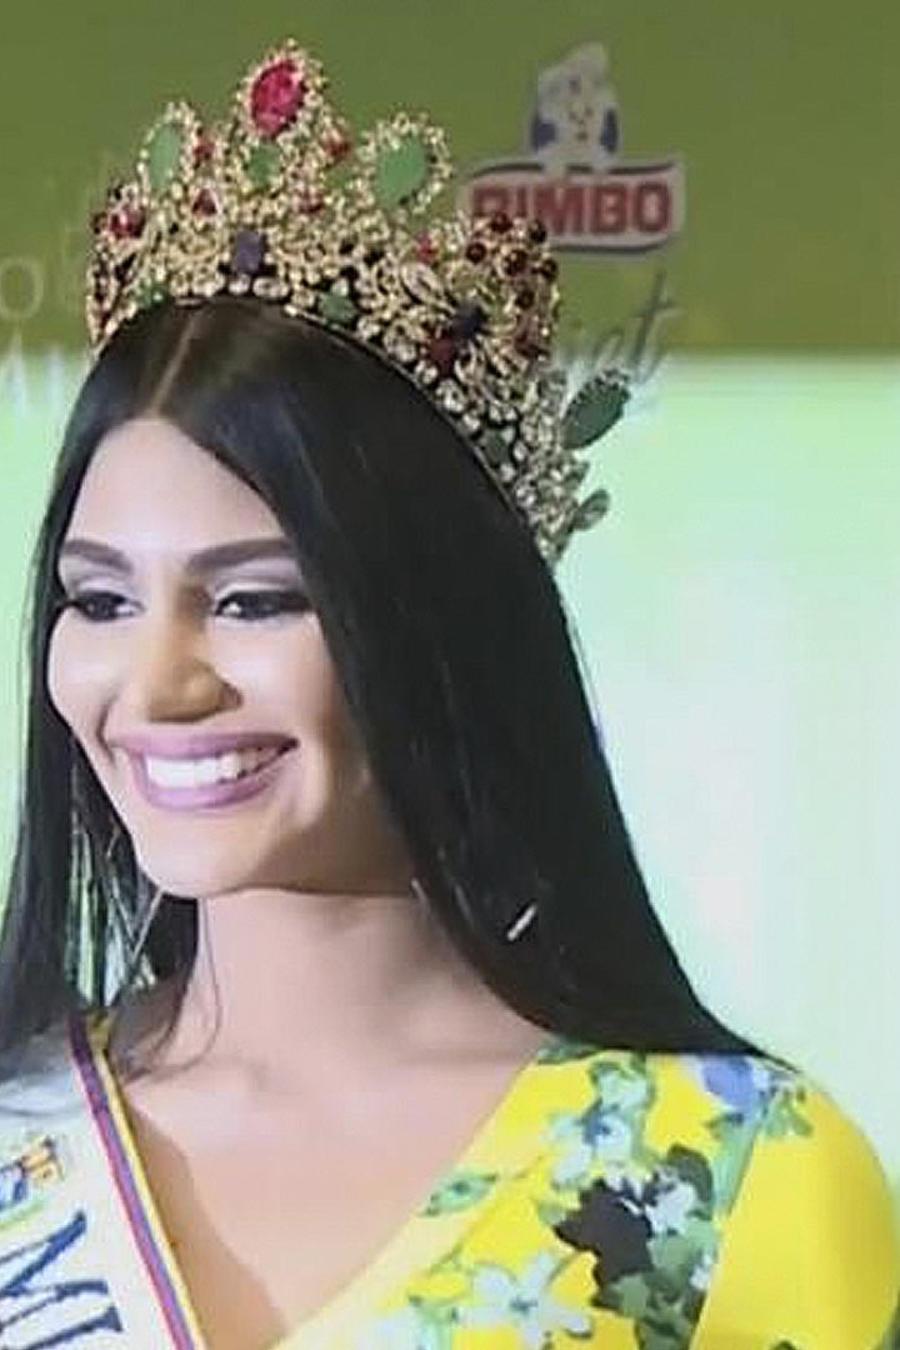 escandalo miss venezuela